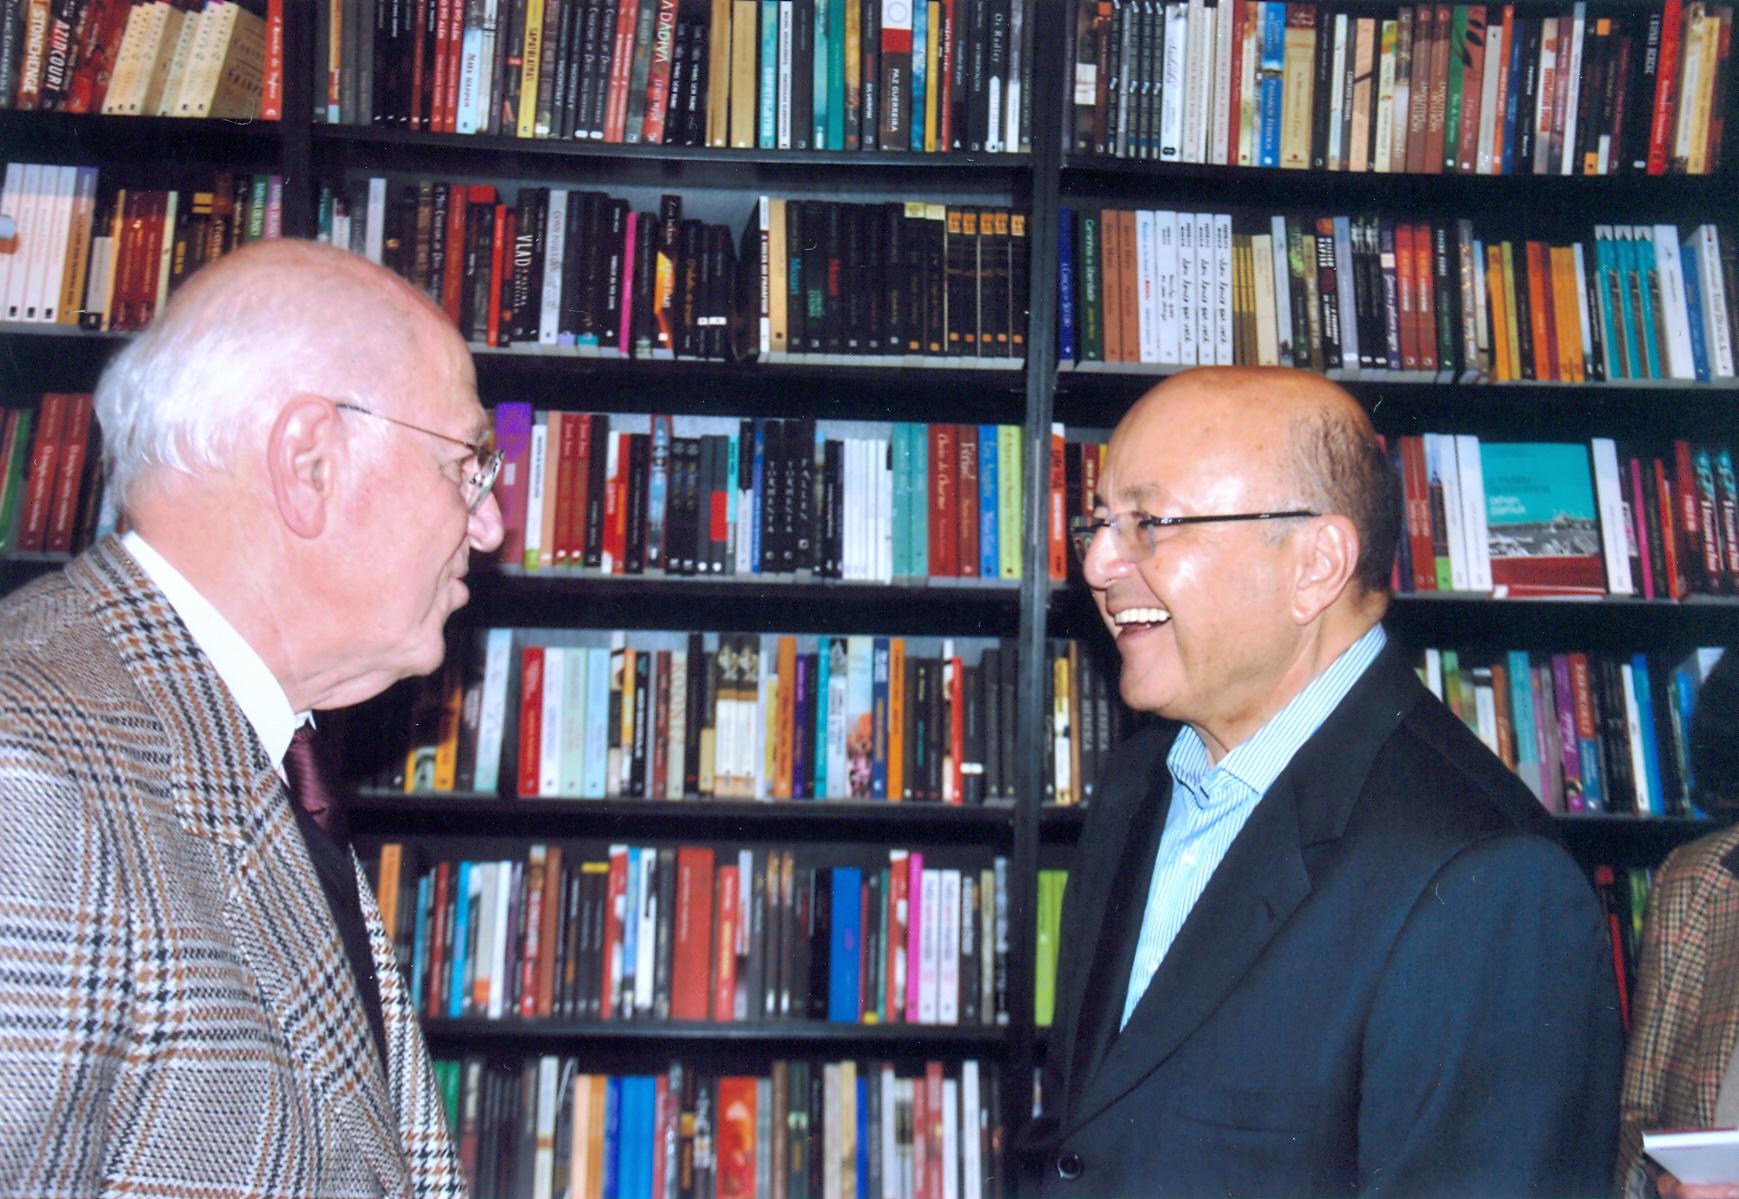 Pastore conversa com Maílson da Nóbrega, economista e ministro da Fazenda durante o governo de Sarney